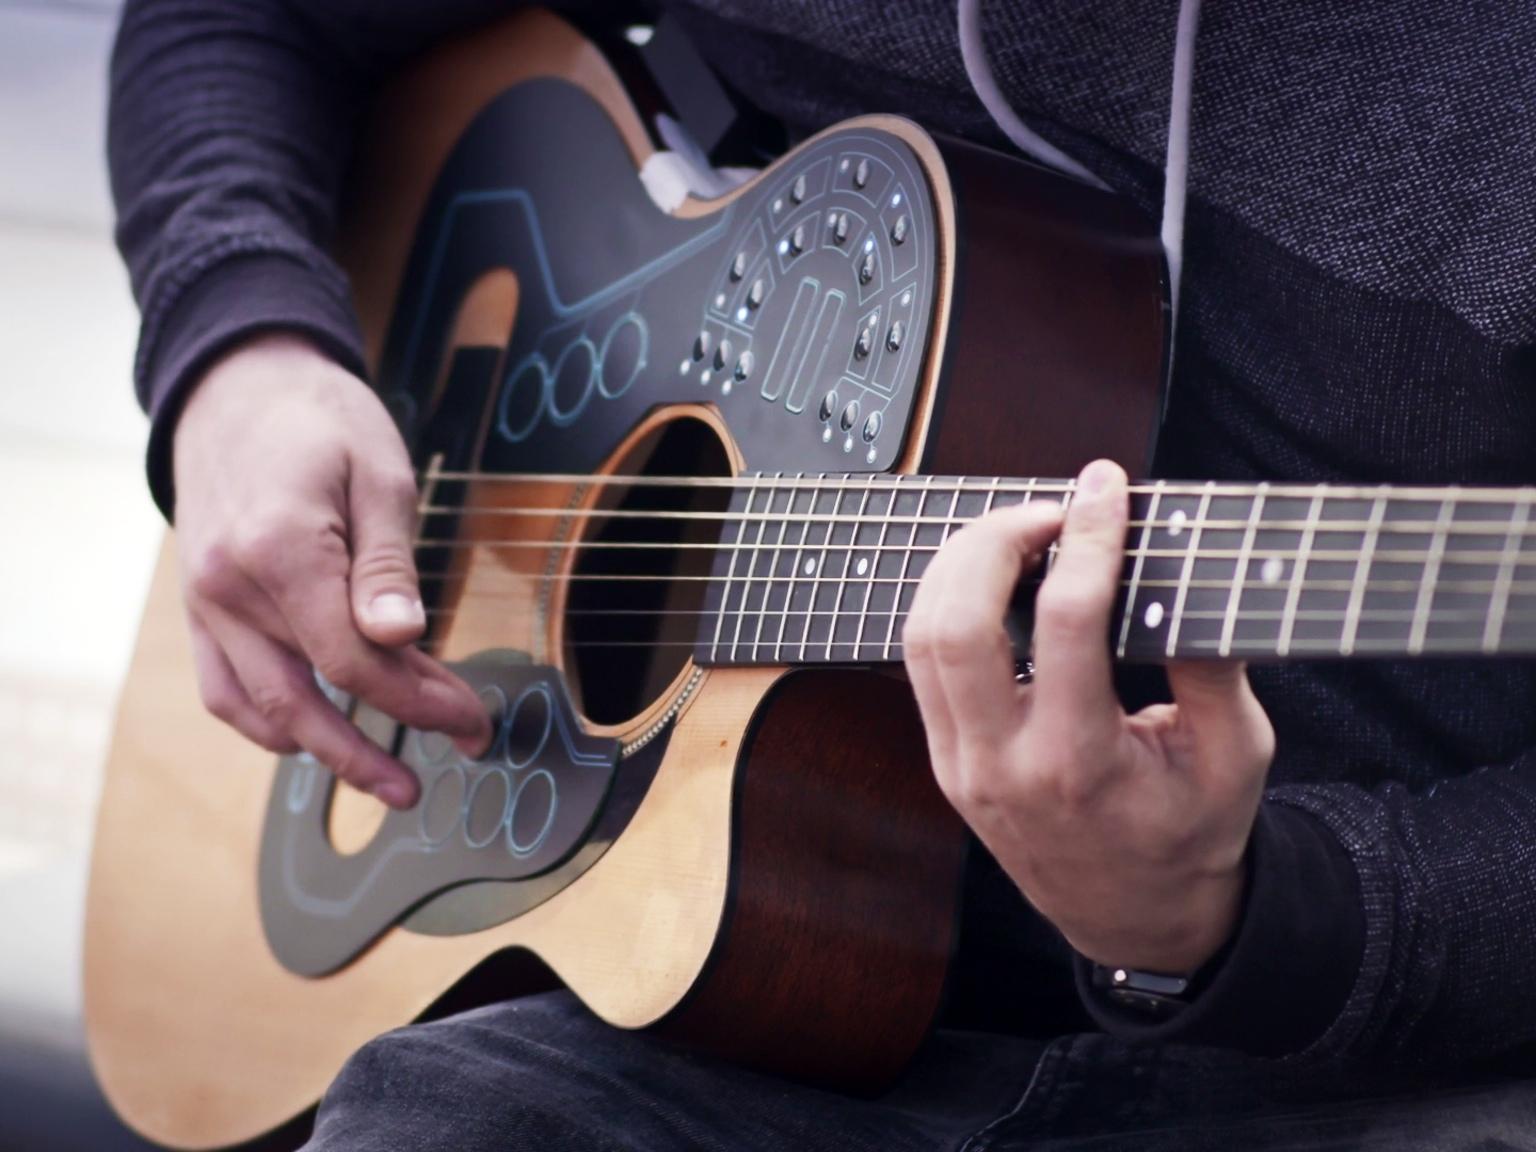 Guitar điện tử siêu việt kết hợp mọi loại nhạc cụ trong một - Ảnh 2.